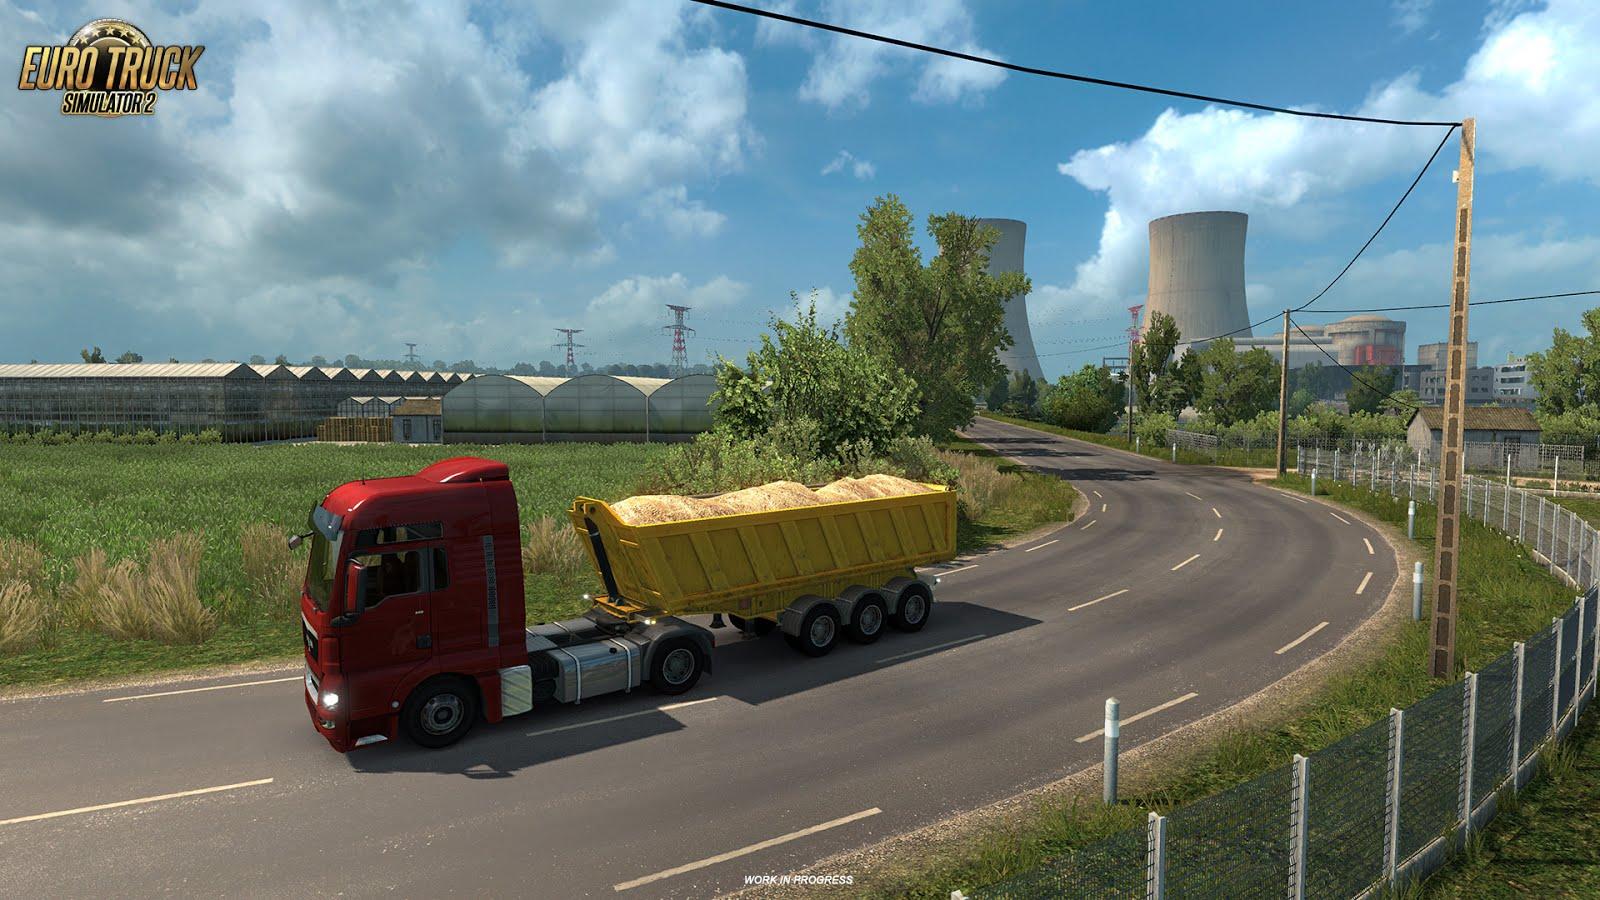 Francie a Arizona do českých kamionových simulátorů 123840